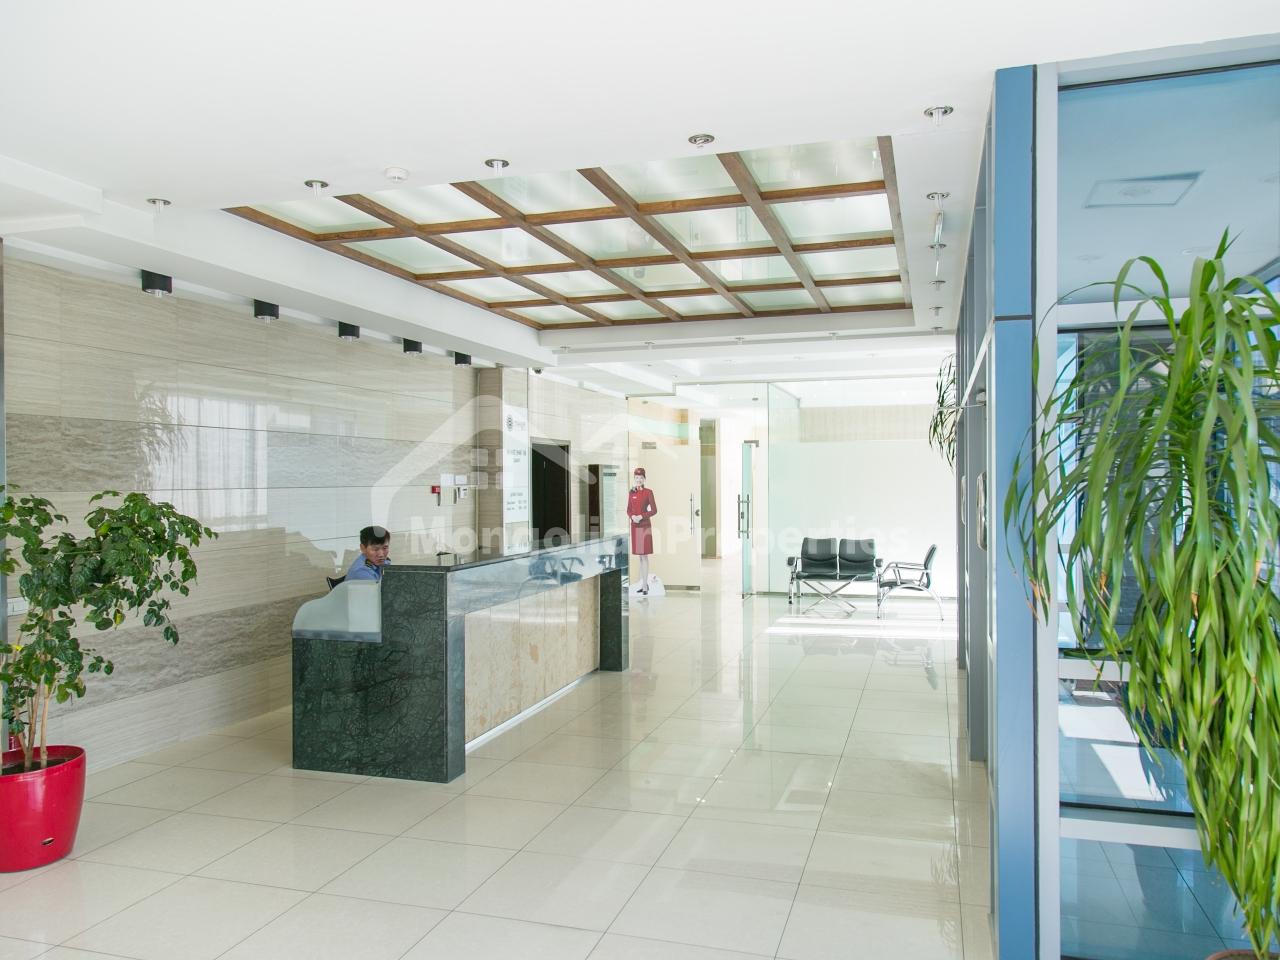 COMMERCIAL space for RENT: Prime location Commercial space for rent very reasonable price.  Зам дагуу маш сайн байршилтай үйлчилгээний талбай яаралтай , хямд түрээслүүлнэ